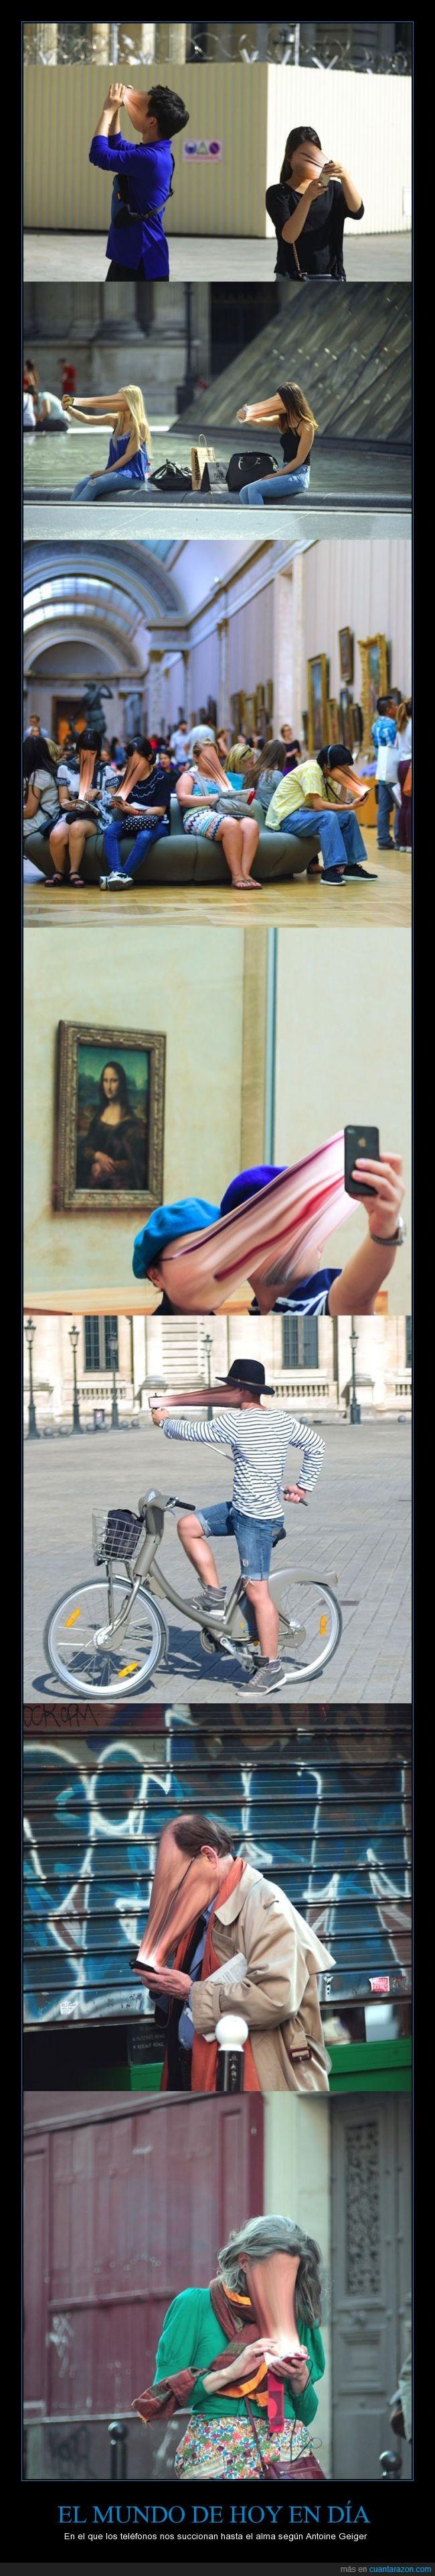 alma,Antoine Geiger,cara,chupar,fotografía,robar,succionar,telefono